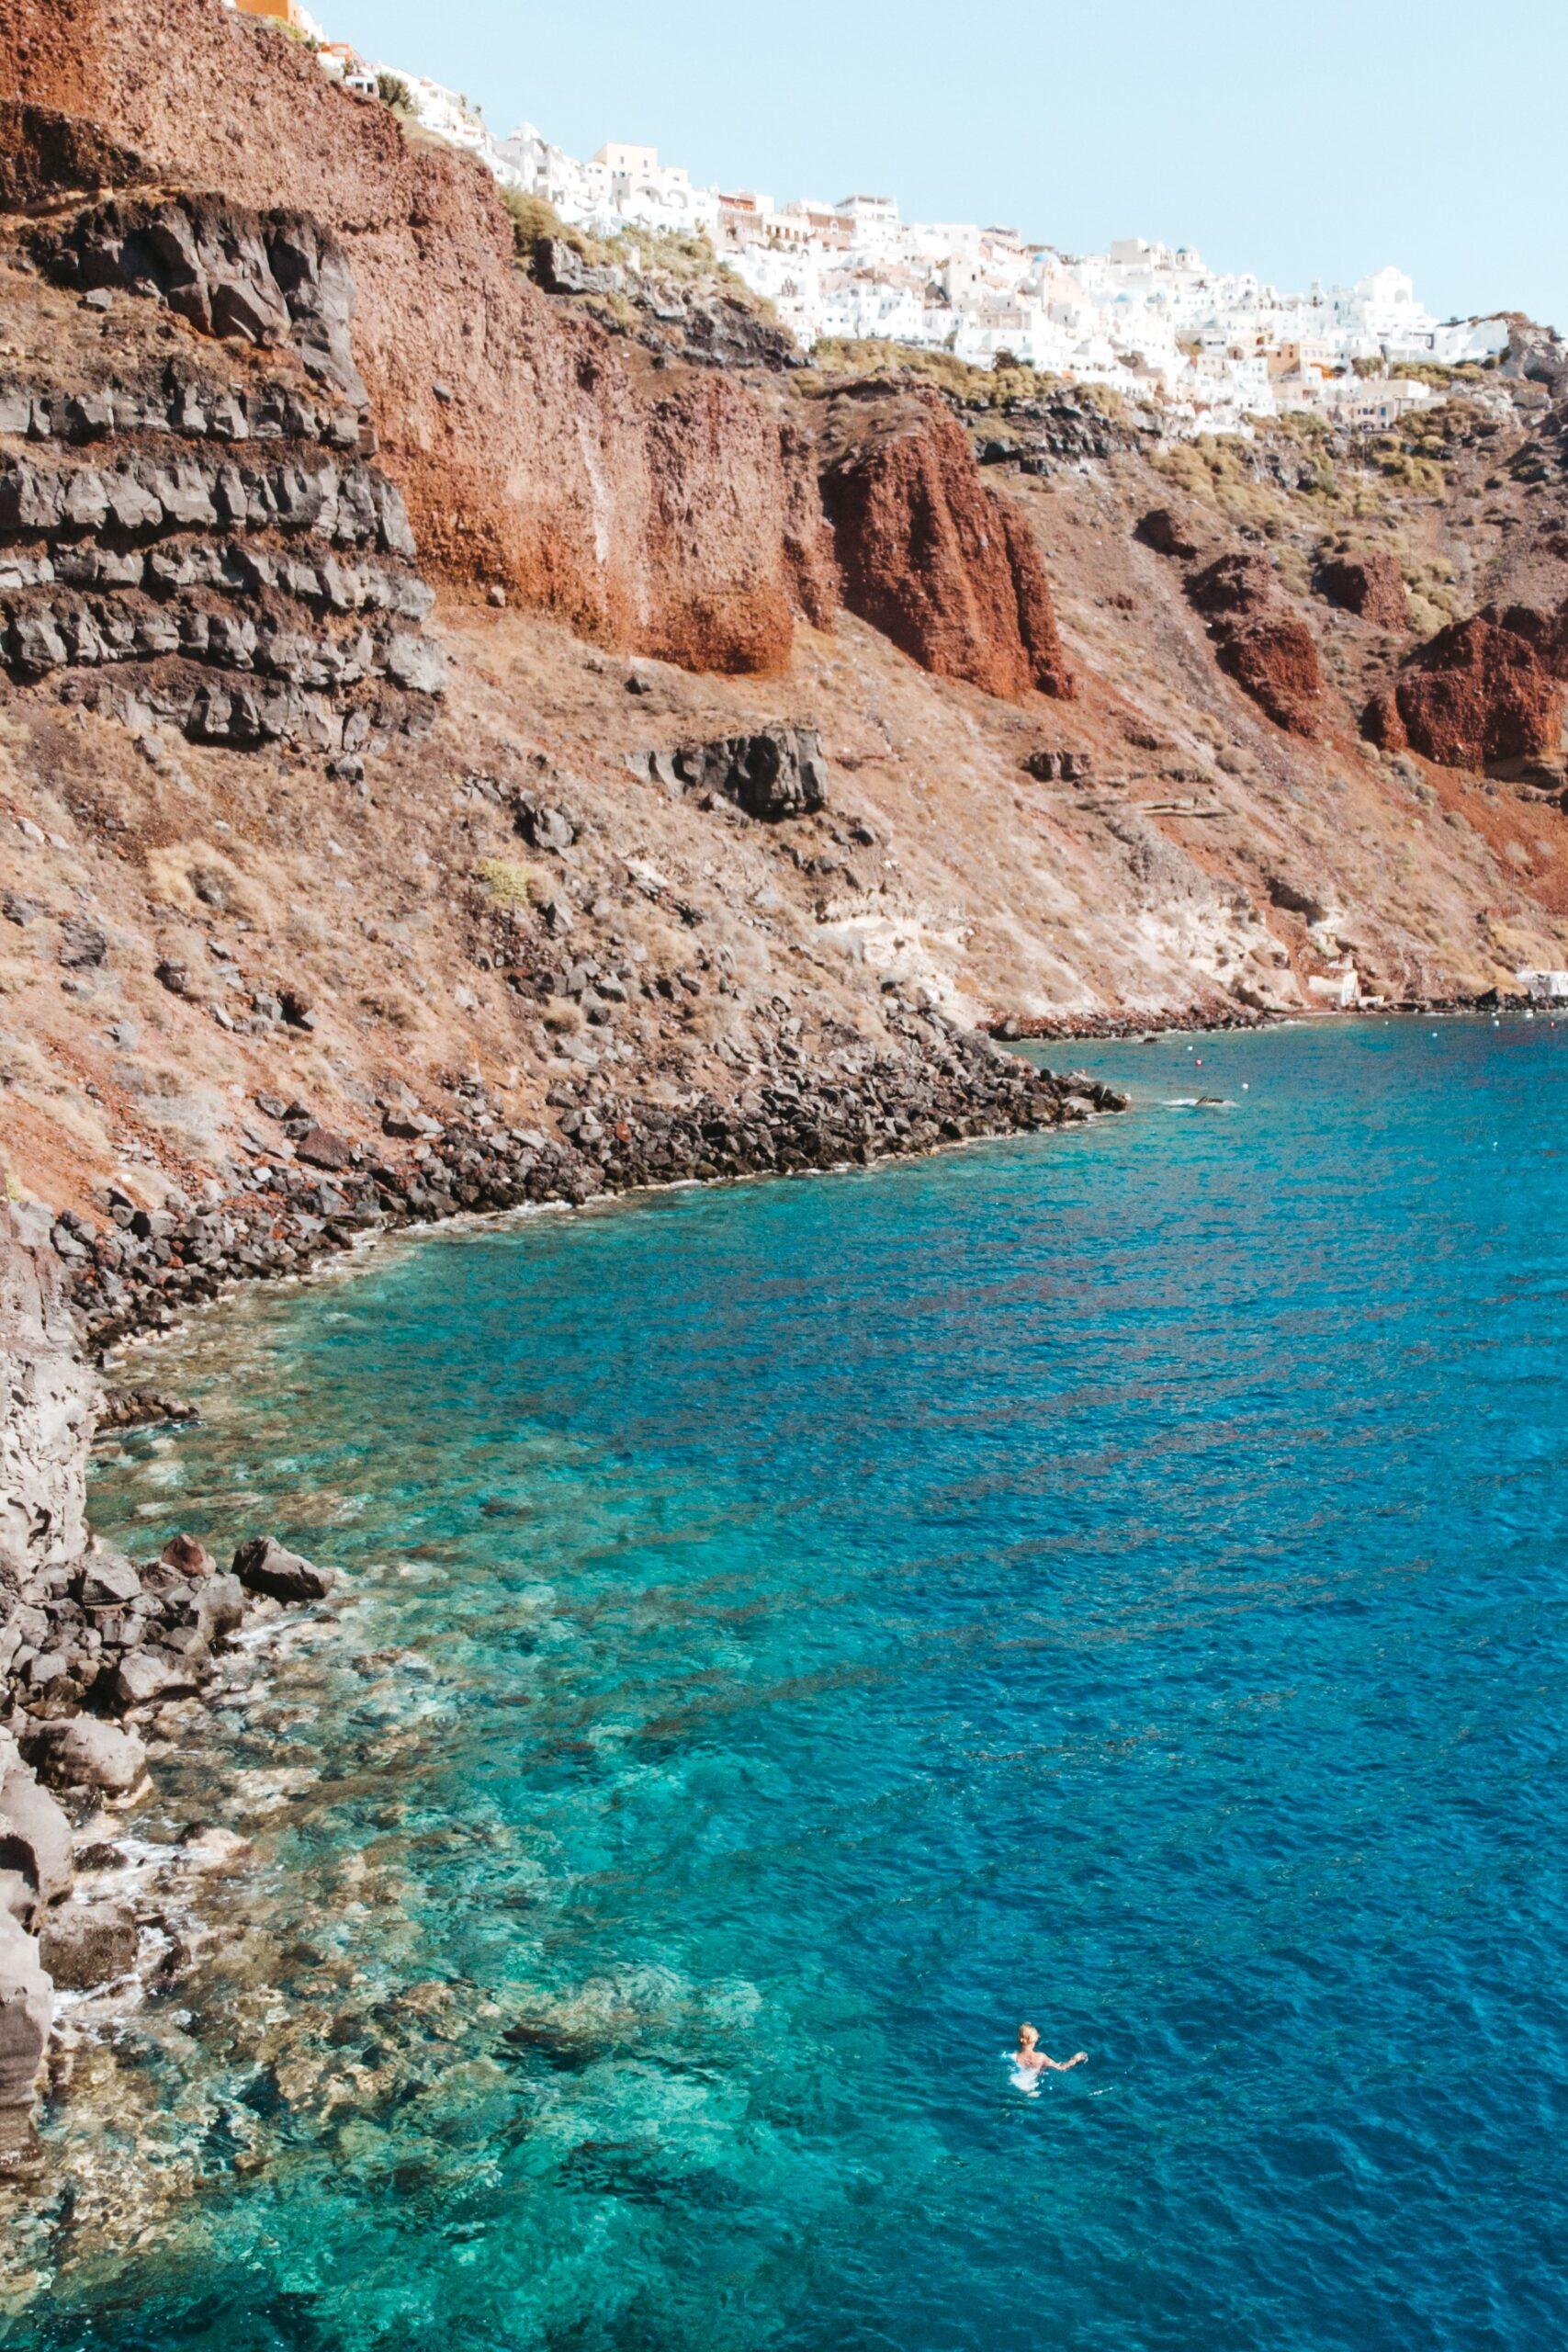 Oia drone photography, Oia Santorini z drona, caldera, kaldera